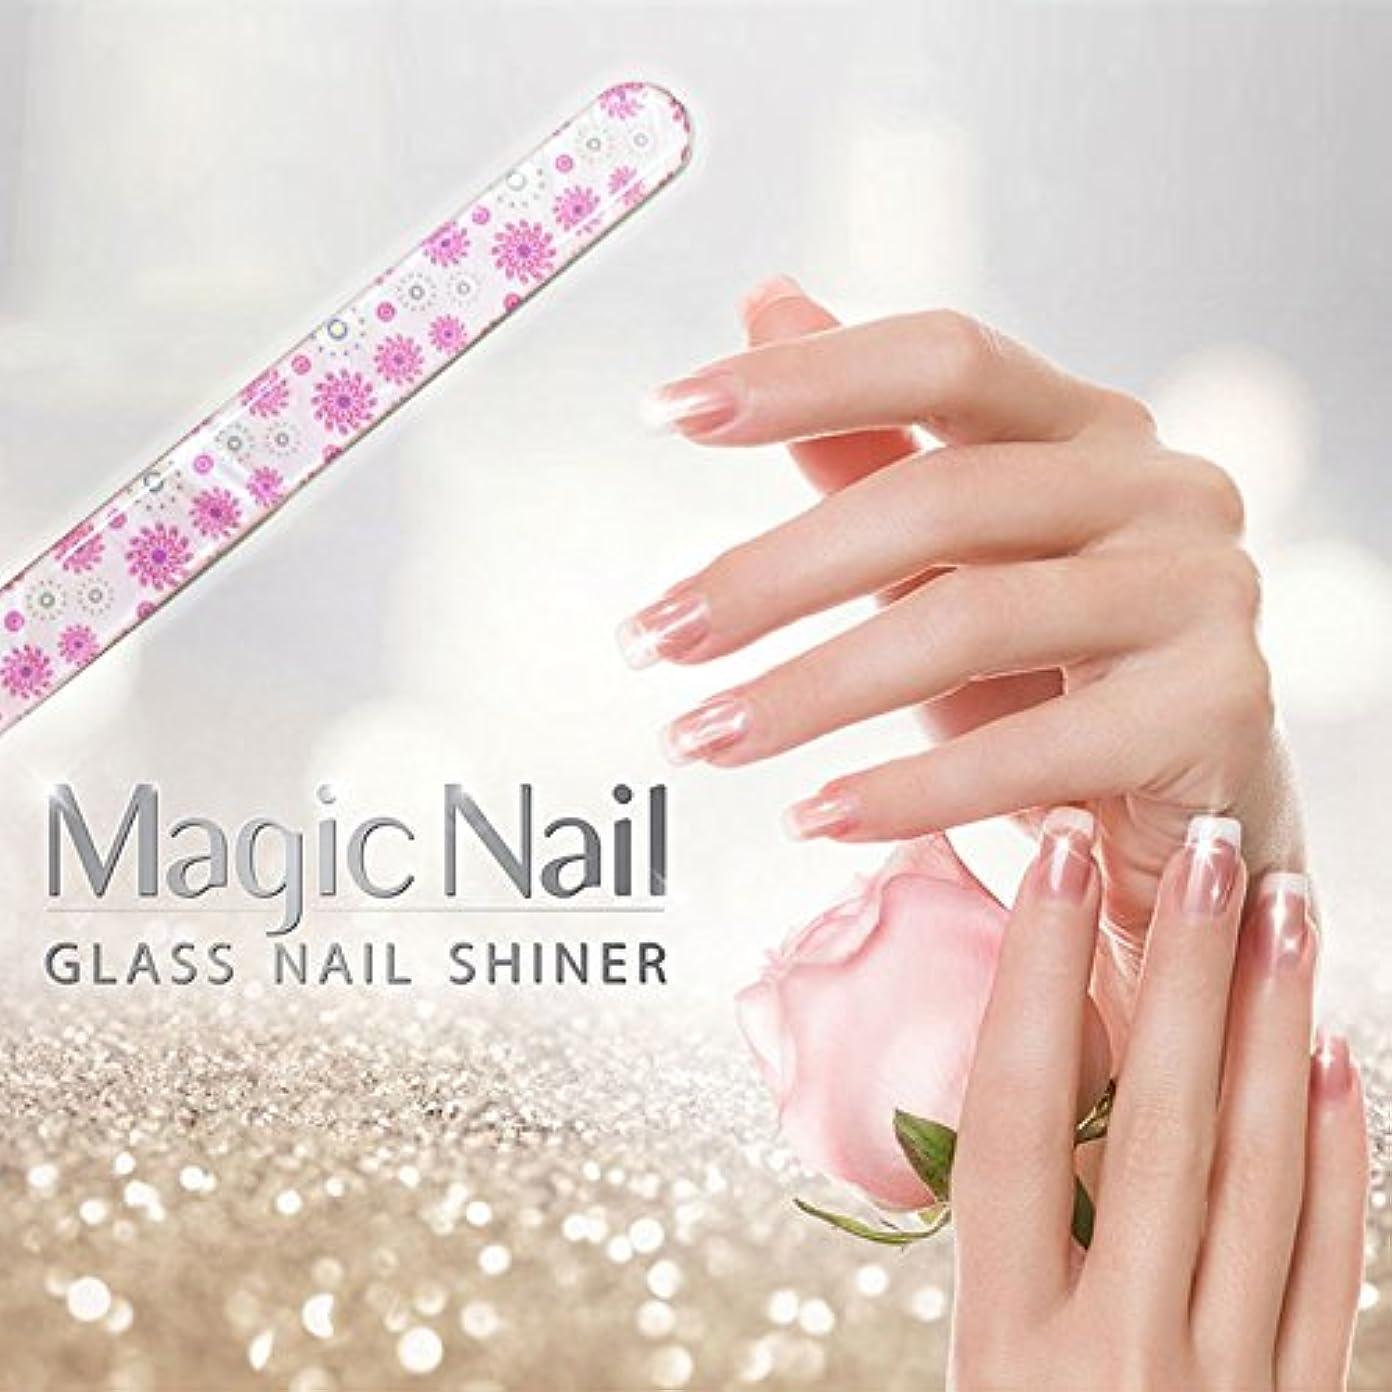 うぬぼれ傷跡歌うエッサンテ(Essante) マジックネイル magic nail マニキュアを塗ったようなツヤ、輝きが家で誰でも簡単に出来る glass nail shiner ガラスネイルシャイナー おしゃれなデザイン つめやすり ...